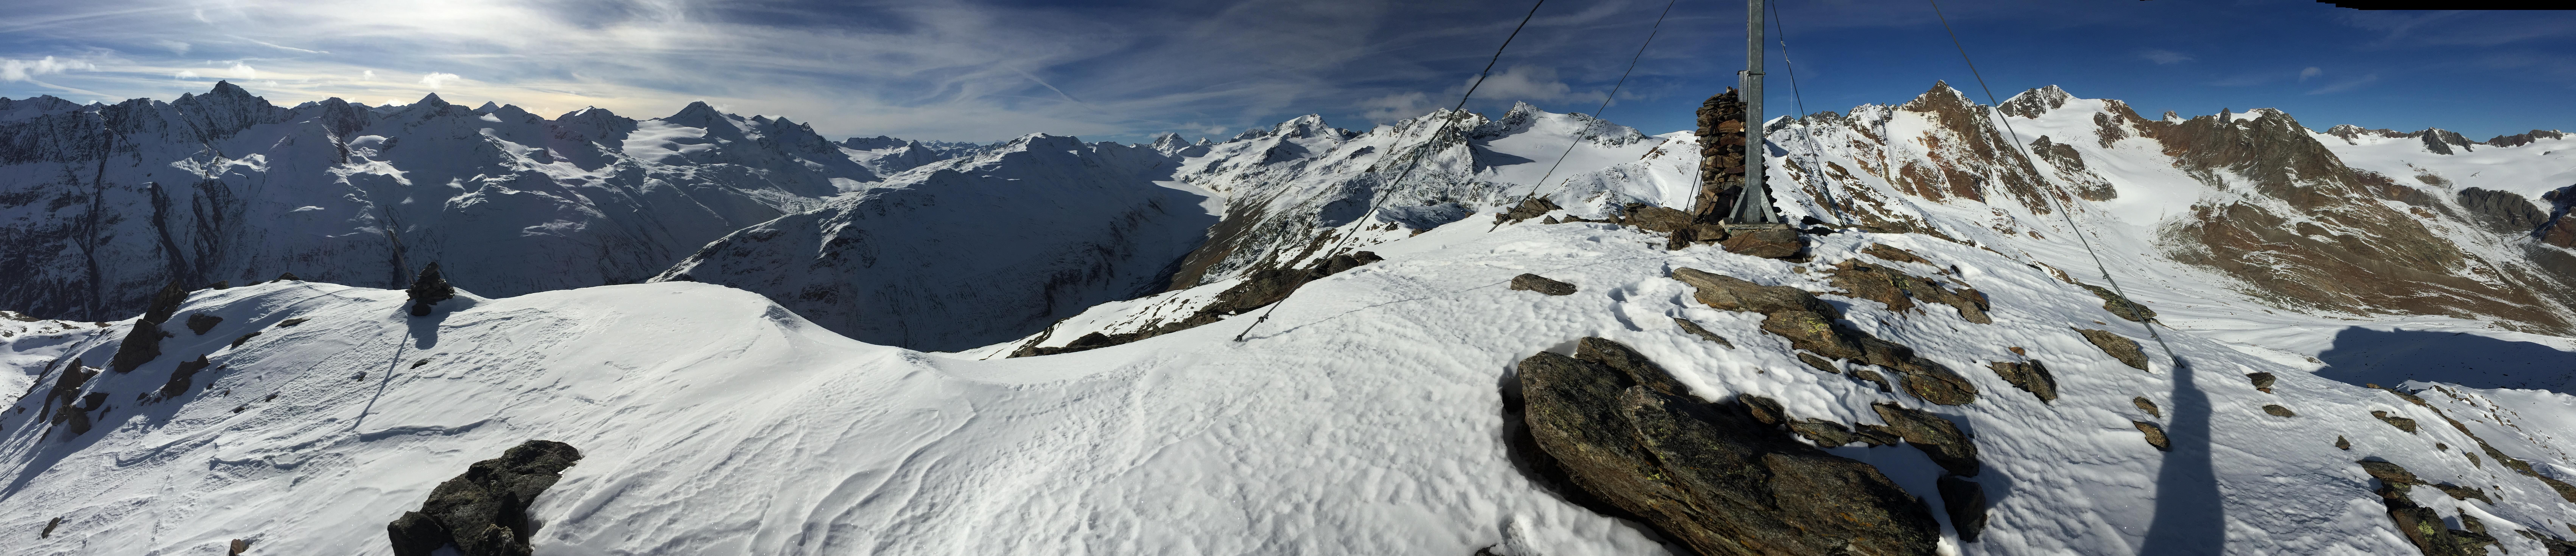 Gipfelpanorama-von-der-mittleren-Guslarspitze-und-den-Eindruecken-der-Oetzaler-Runde-dem-Skitourenklassiker-der-Region